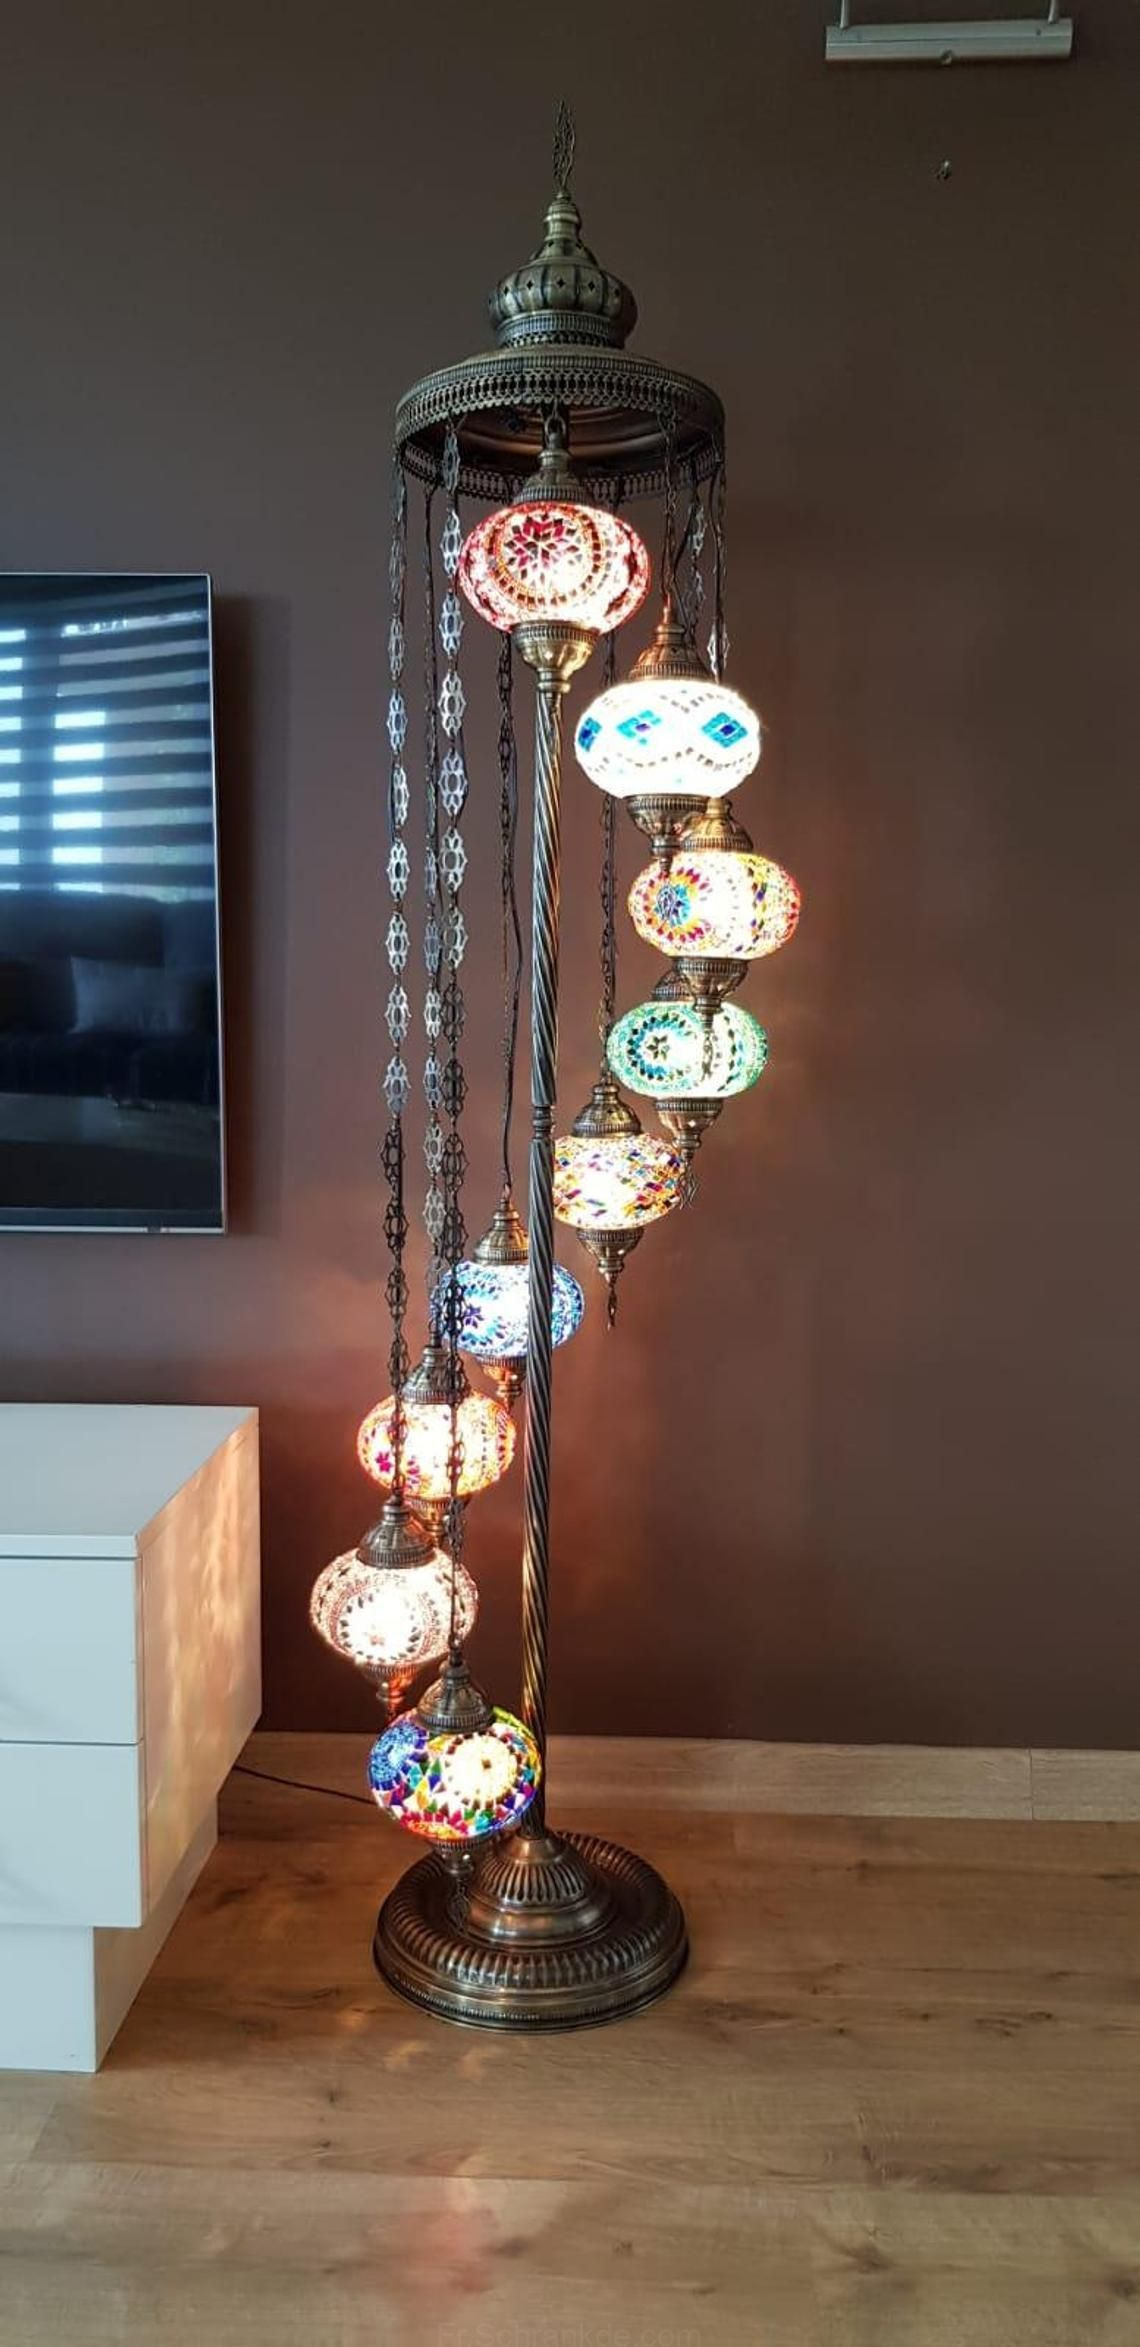 Personnalisable 70 9 Grands Globes Turc Lampe De Plancher Paypal Turc Marocain Sol En Mosaique De Lumiere De La Lampe Marocaine Lampe Mosaique Marocaine